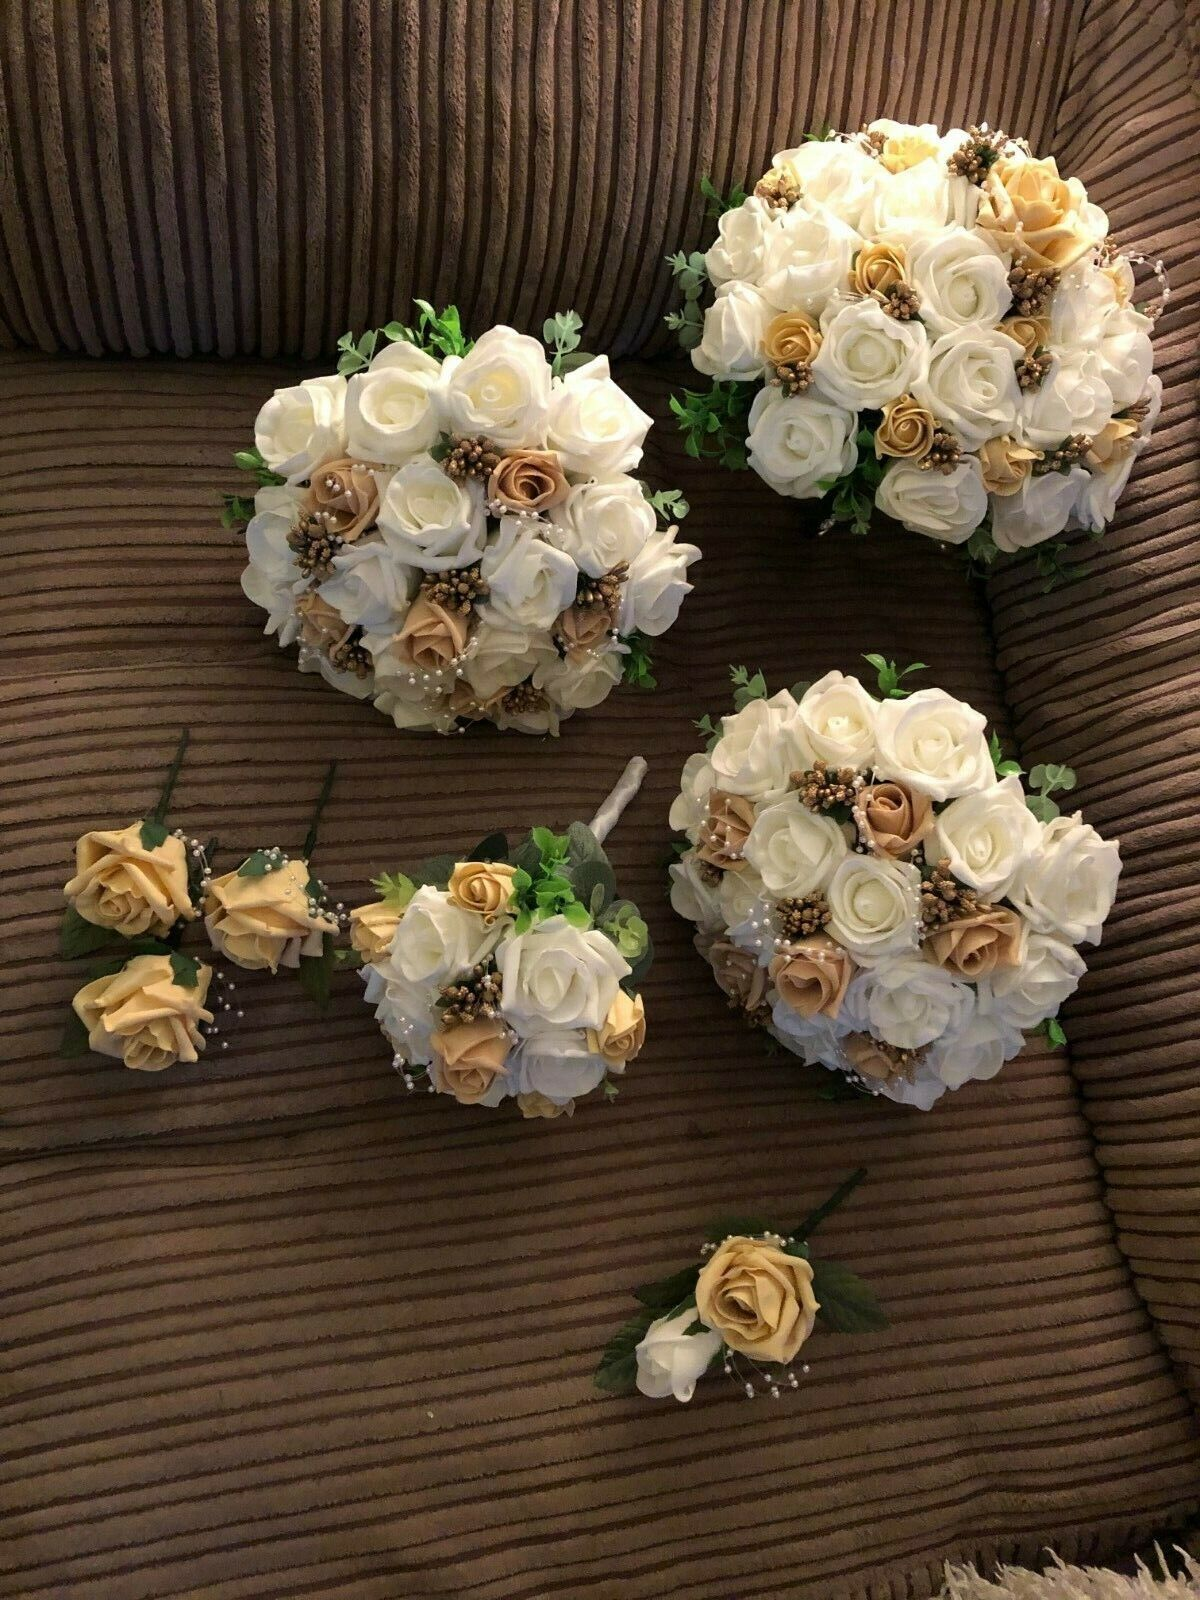 Nouveau  Bridal Posy Fleur Paquet (Bundle) ivoire & or Seulement